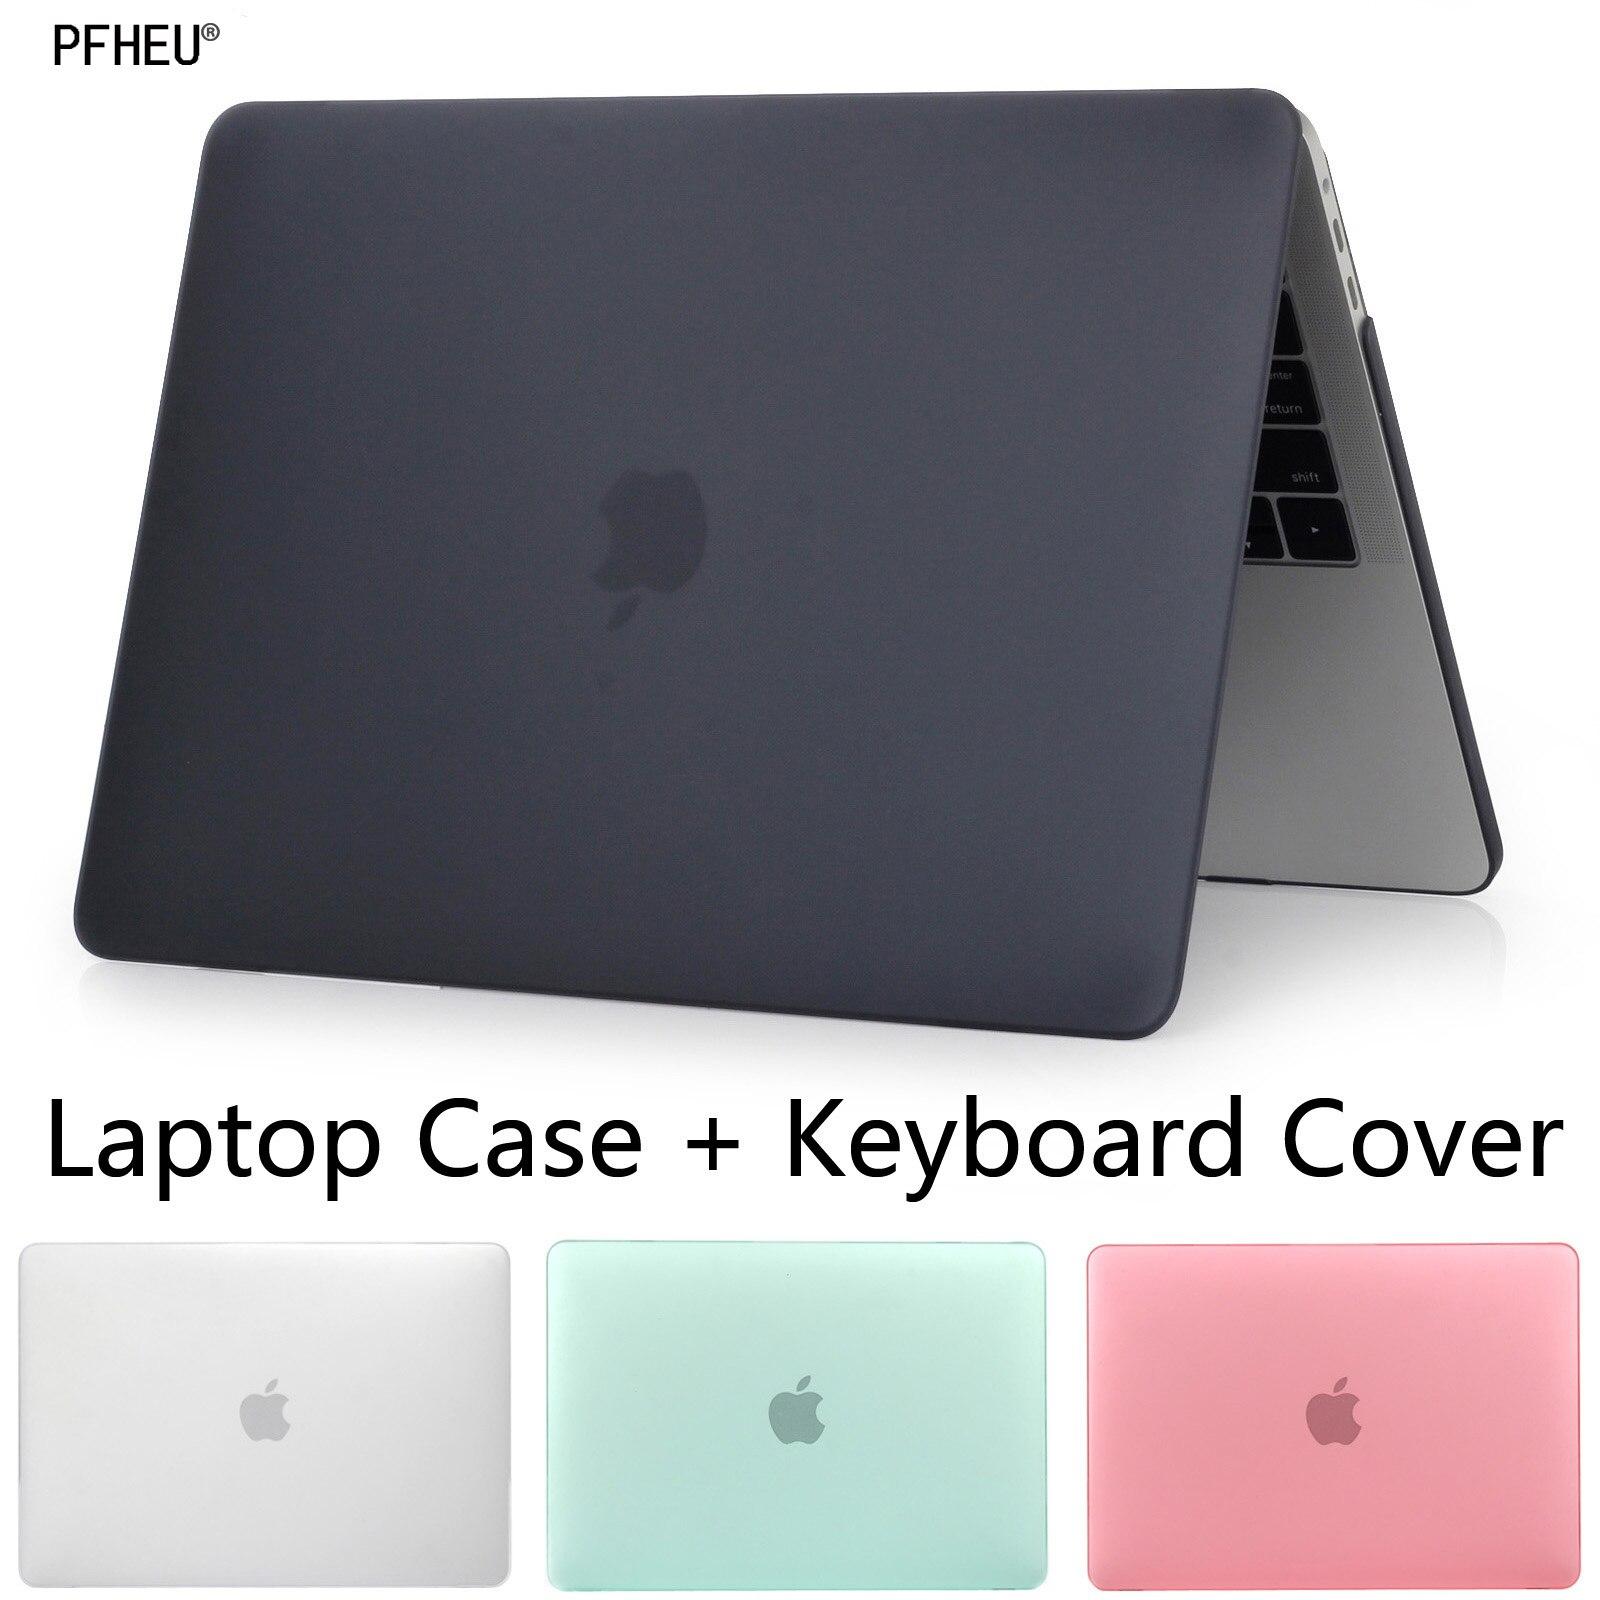 PFHEU HEIßER Verkauf laptop Fall Für Apple macbook Air Pro Retina 11 12 13 15 Für Mac buch 13,3 zoll mit Touch Bar + Tastatur Abdeckung